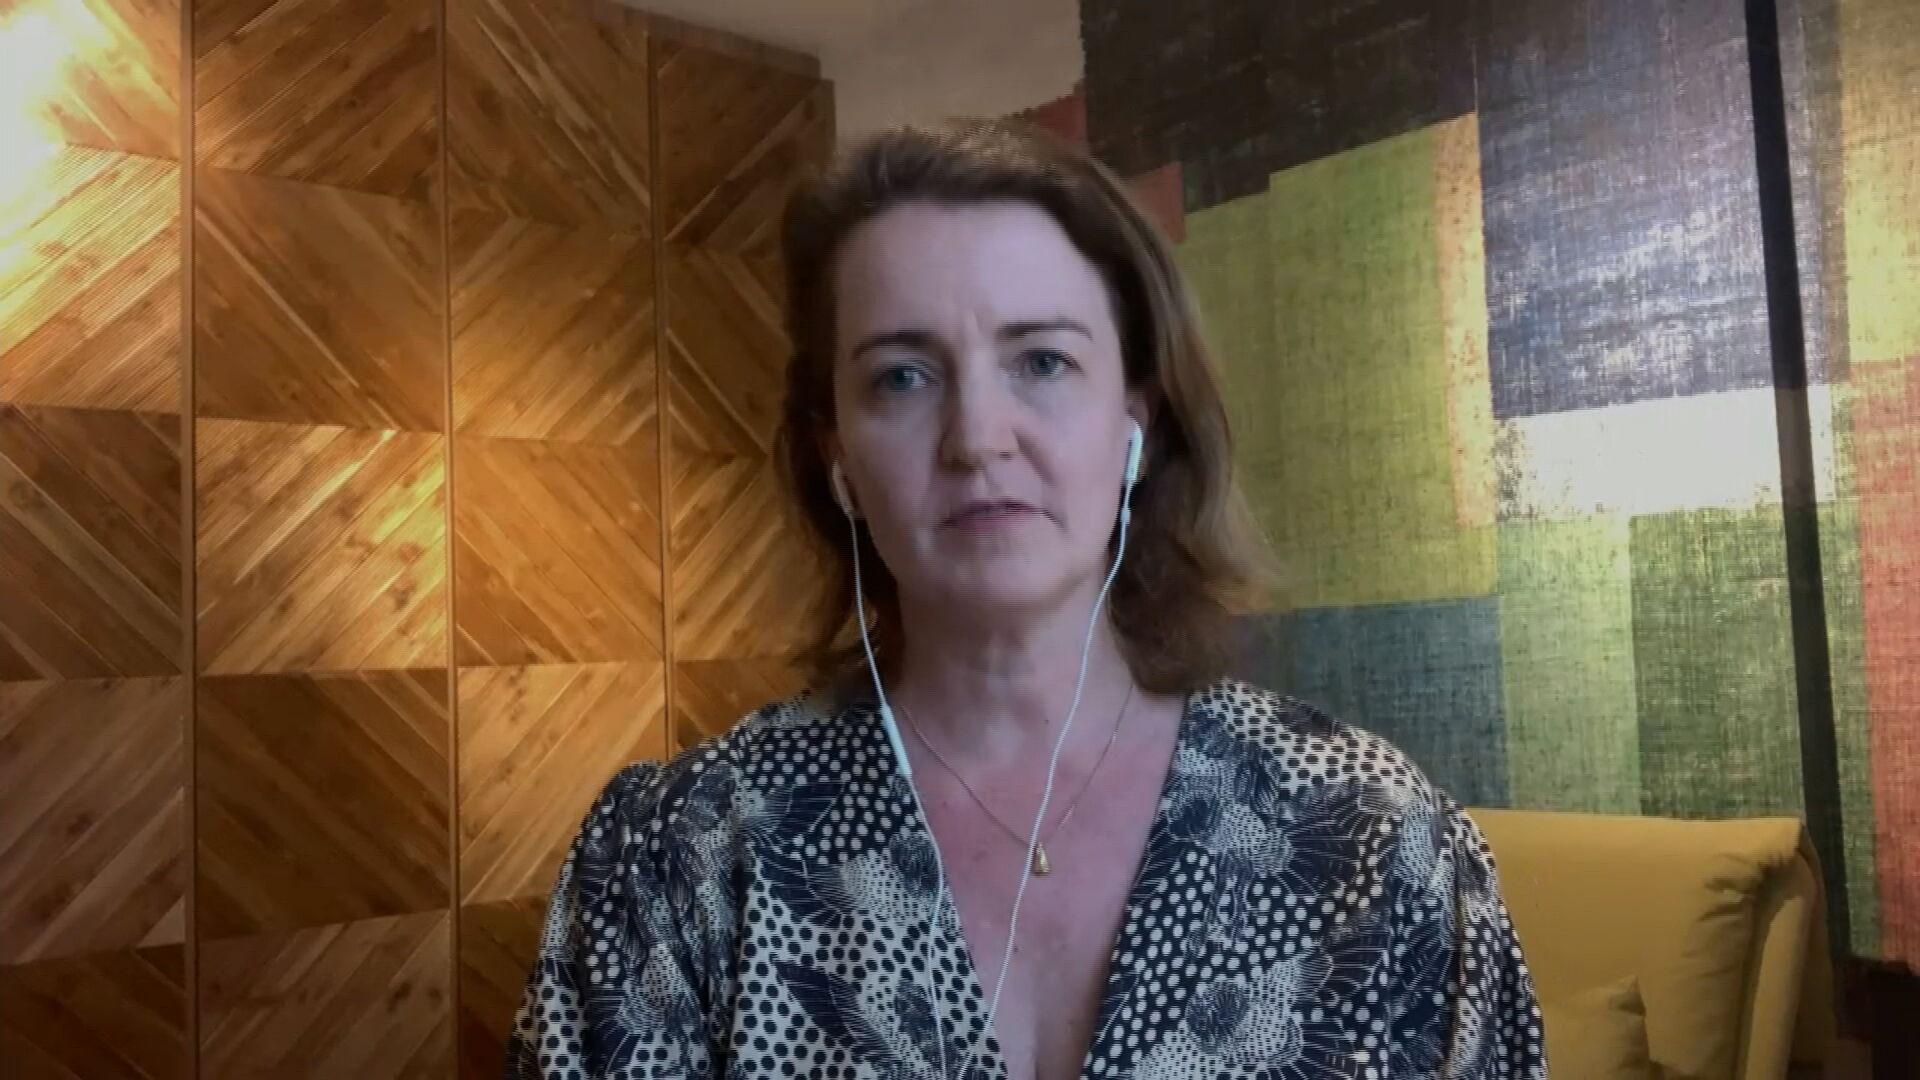 Cristiana Toscano, representante da Sociedade Brasileira de Imunizações e membro